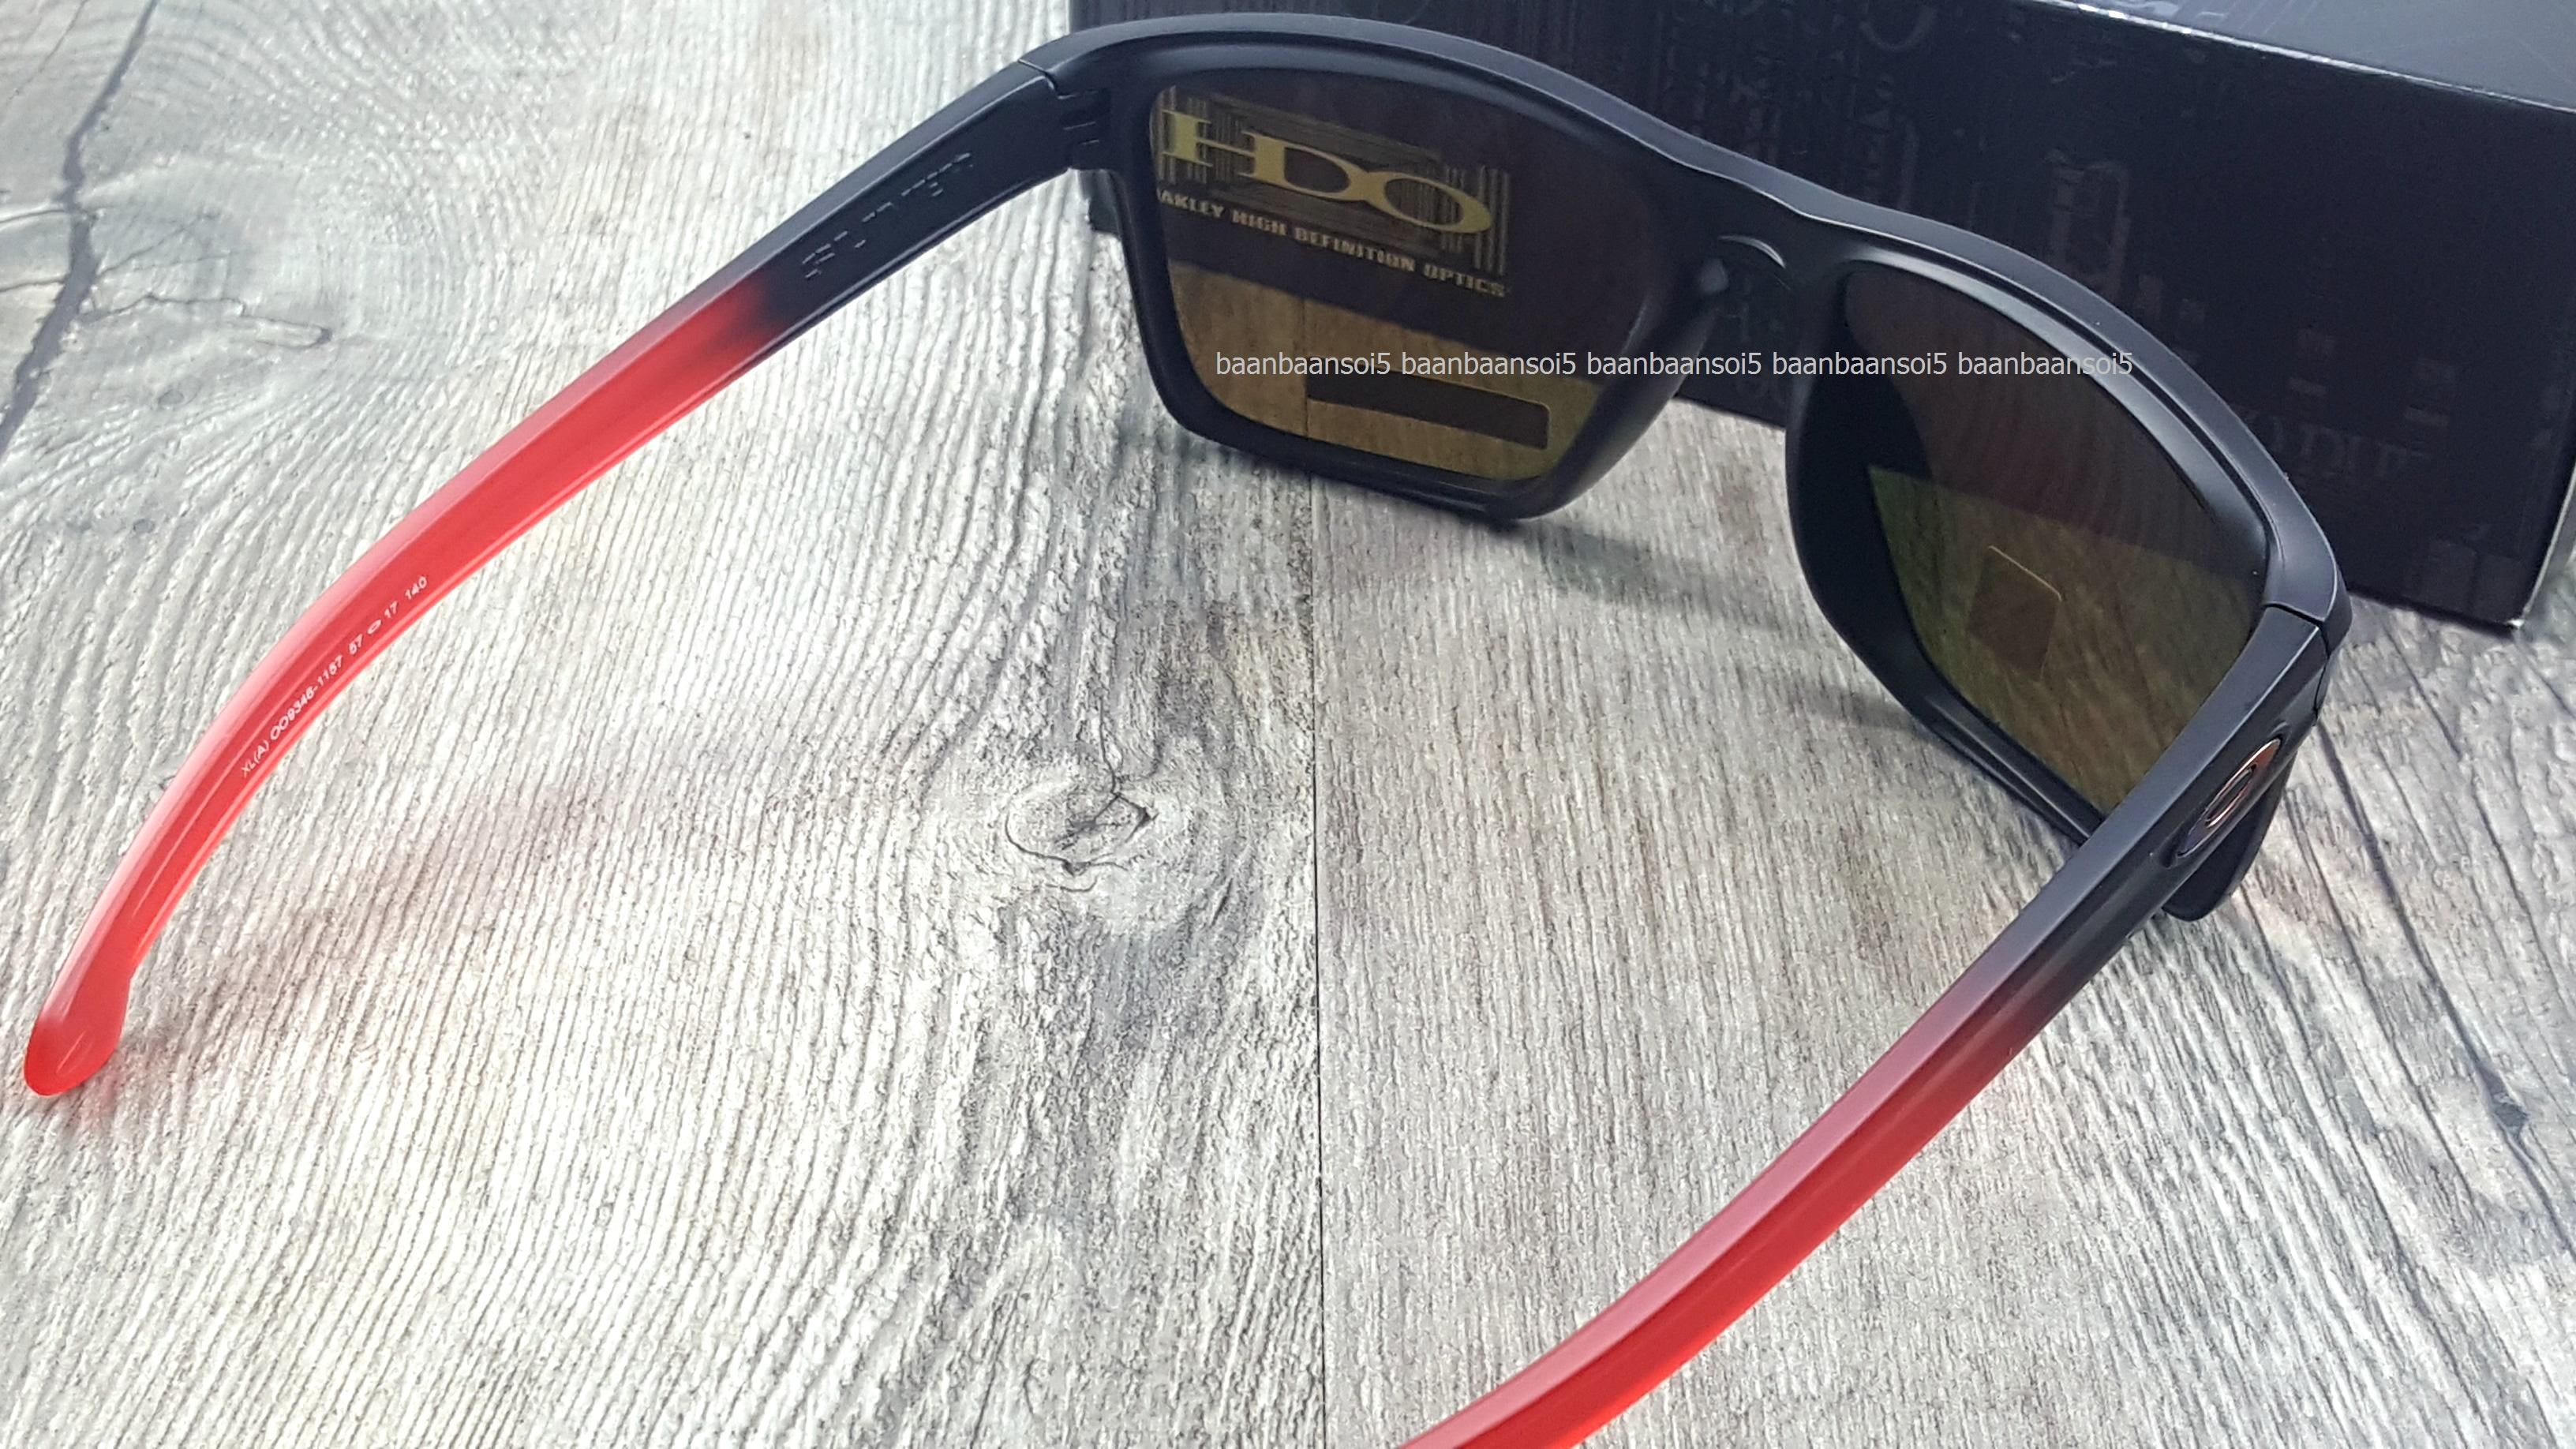 27068d37f59 ร้านแว่นตาพญาไท กรอบแว่นสายตาราคาถูก แว่นตาคุณภาพ เพชรบุรีซอย 5 ...